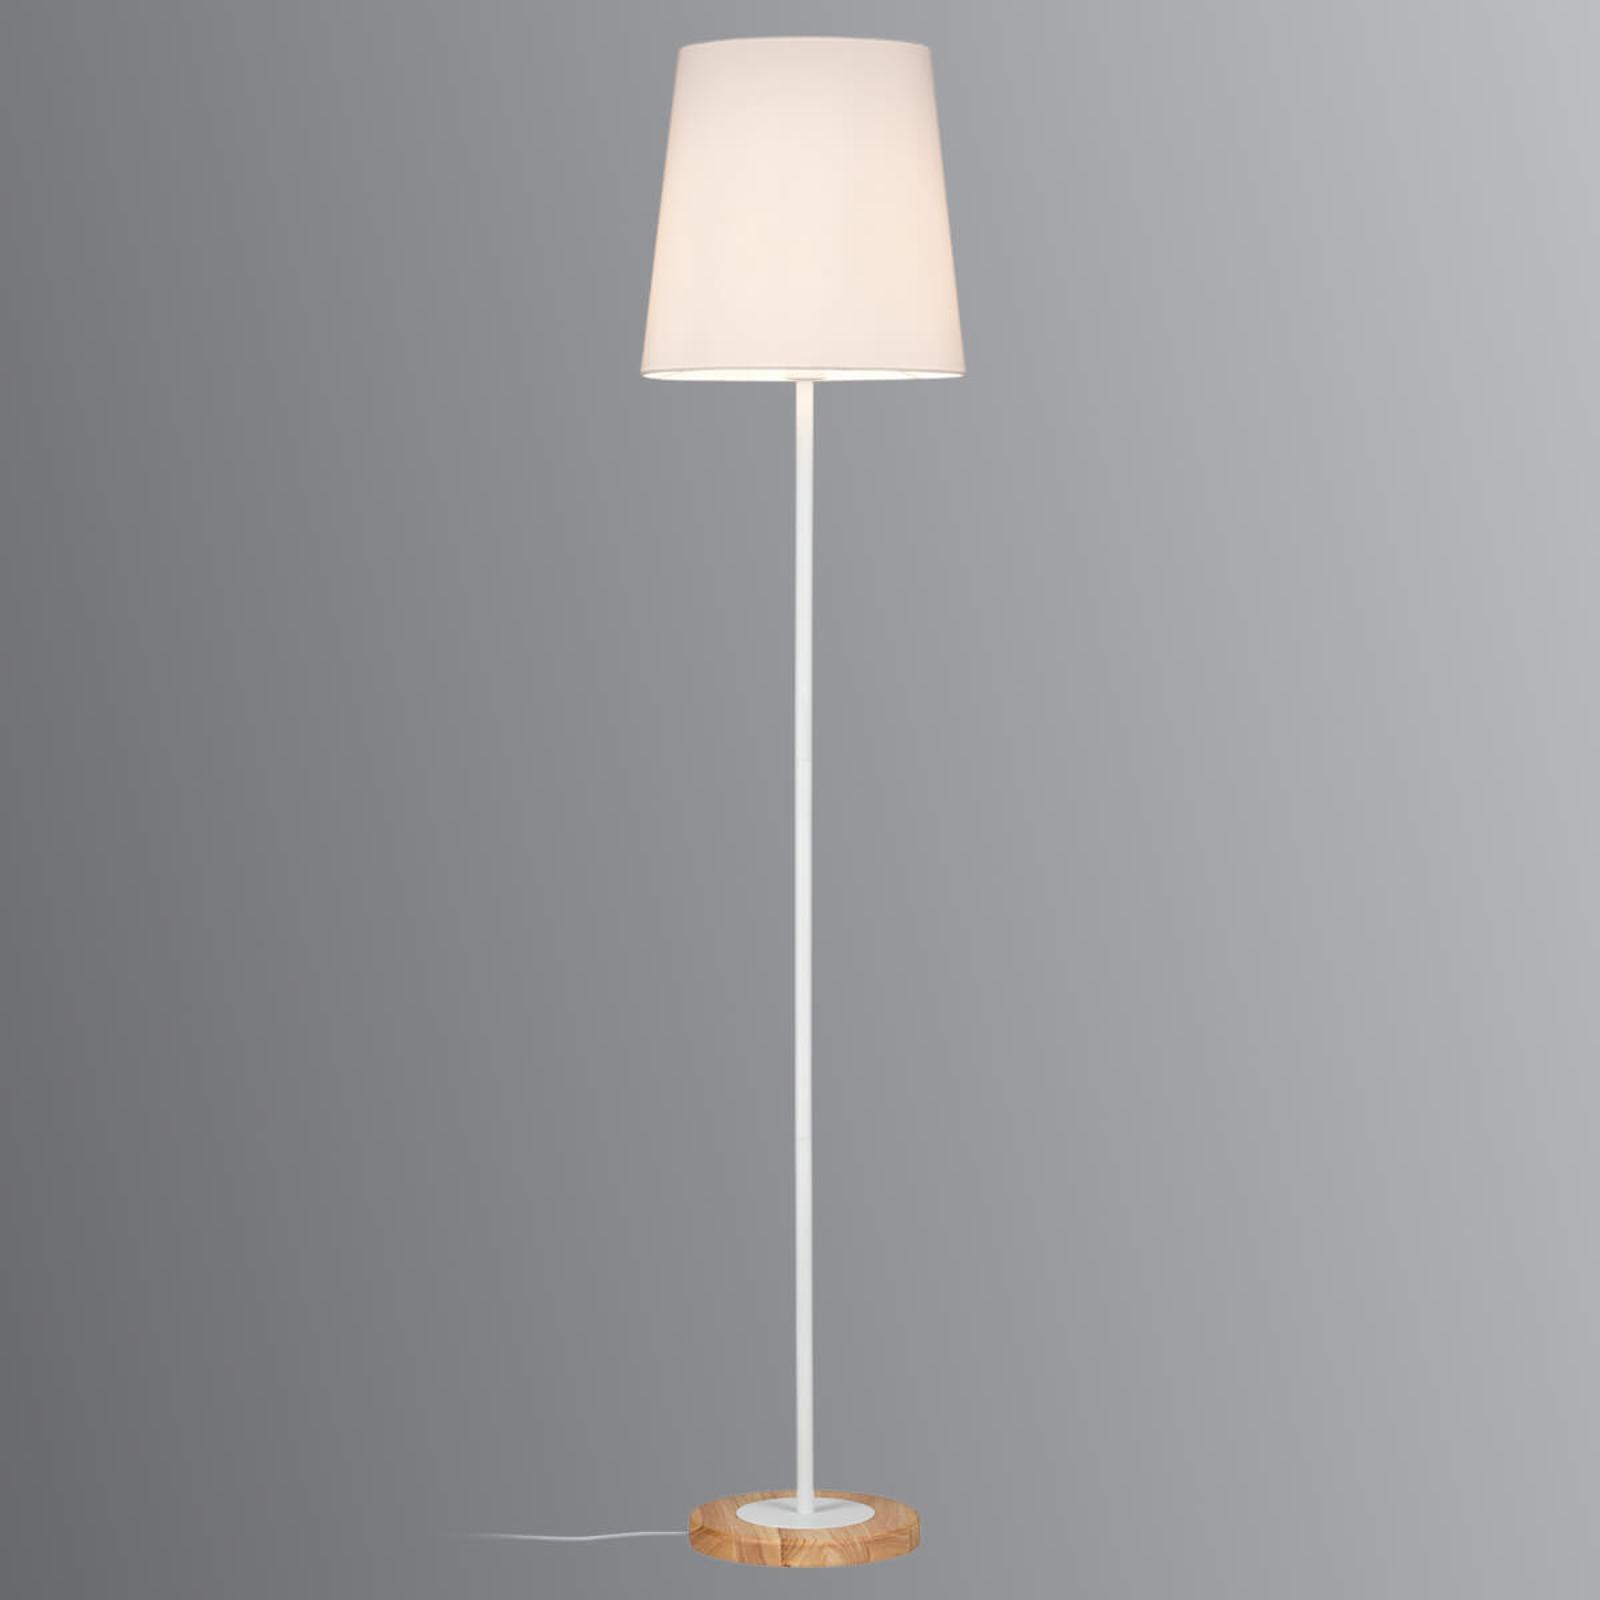 Z drewnianym detalem - lampa stojąca Stellan